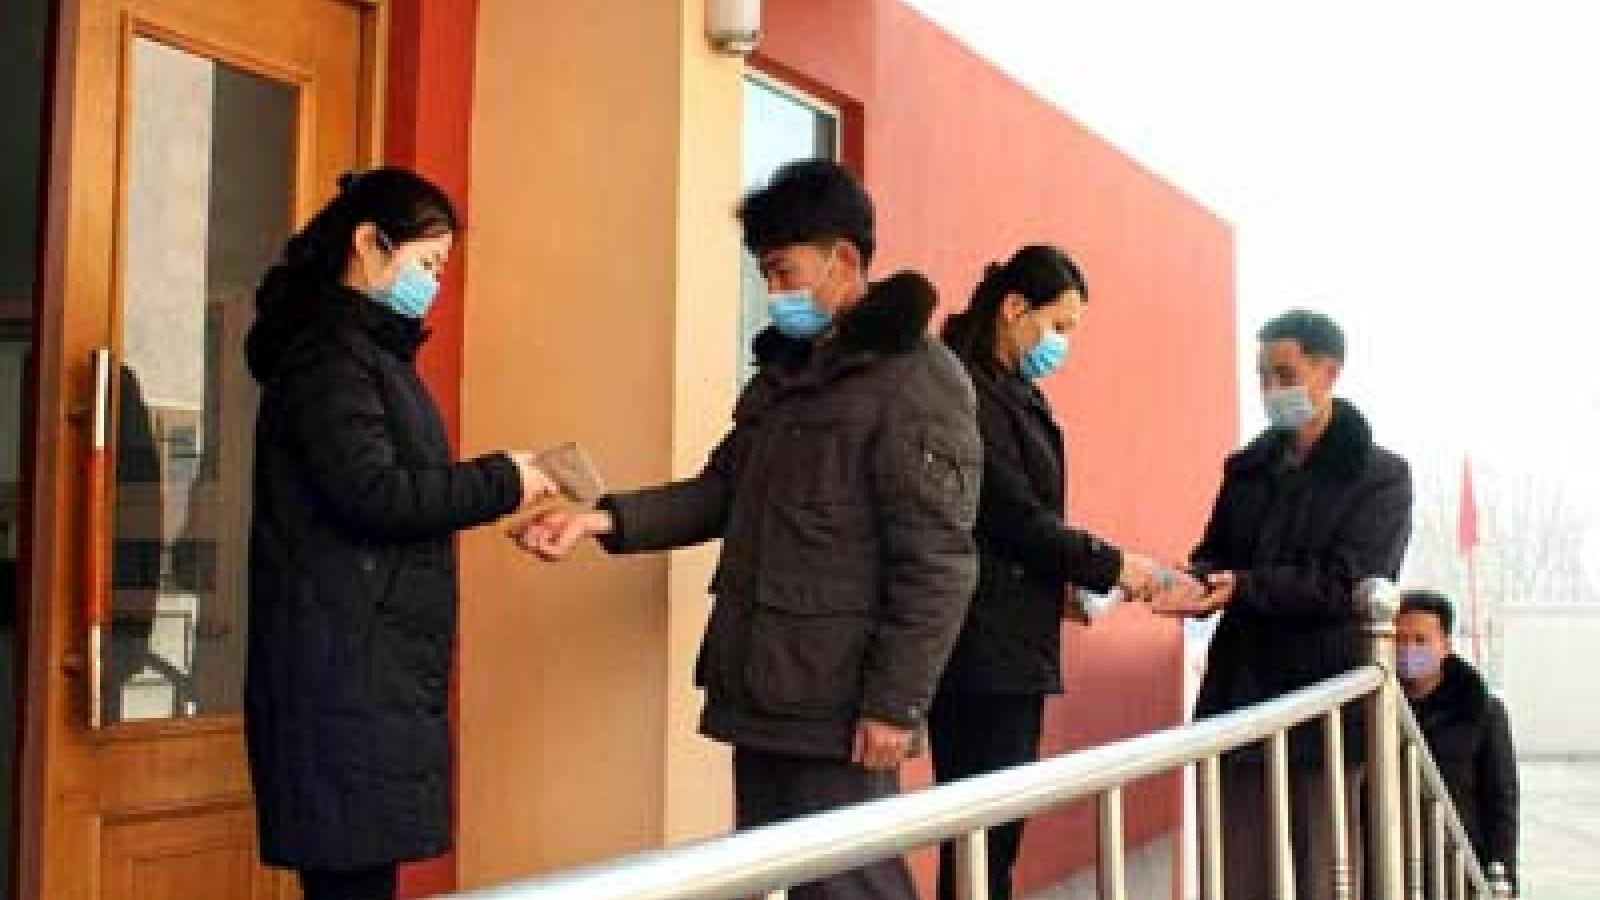 Thủ đô Bình Nhưỡng của Triều Tiên siết chặt công tác phòng chống dịch Covid-19